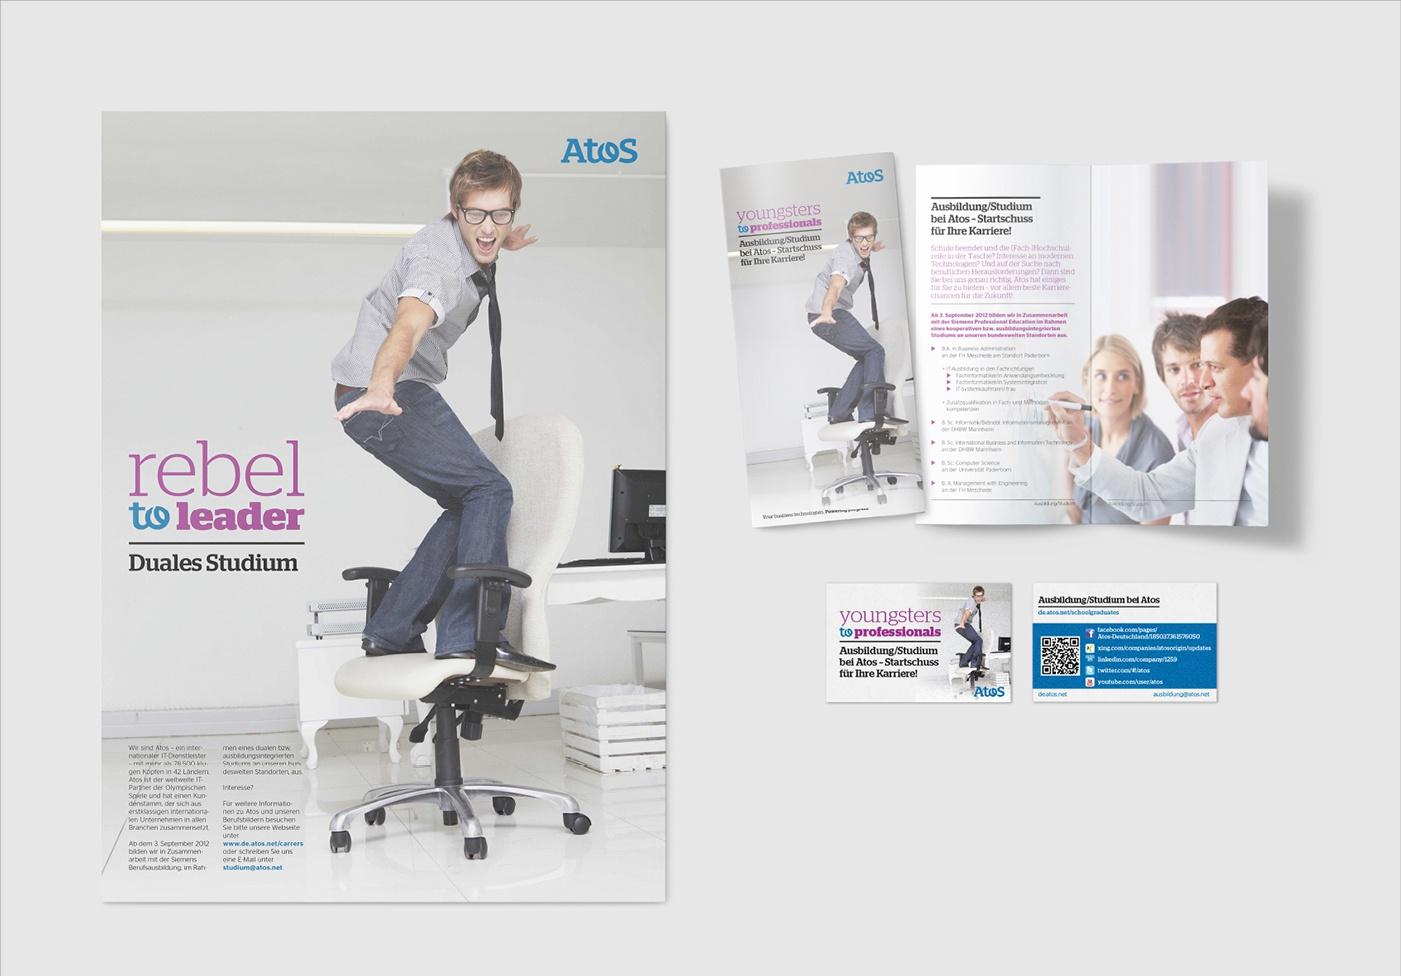 Atos: Auftrag über Akima Media - Zwei HR-Kampagnen, Poster, Visitenkarten, Flyer, Online-Banner, Stellenanzeigen